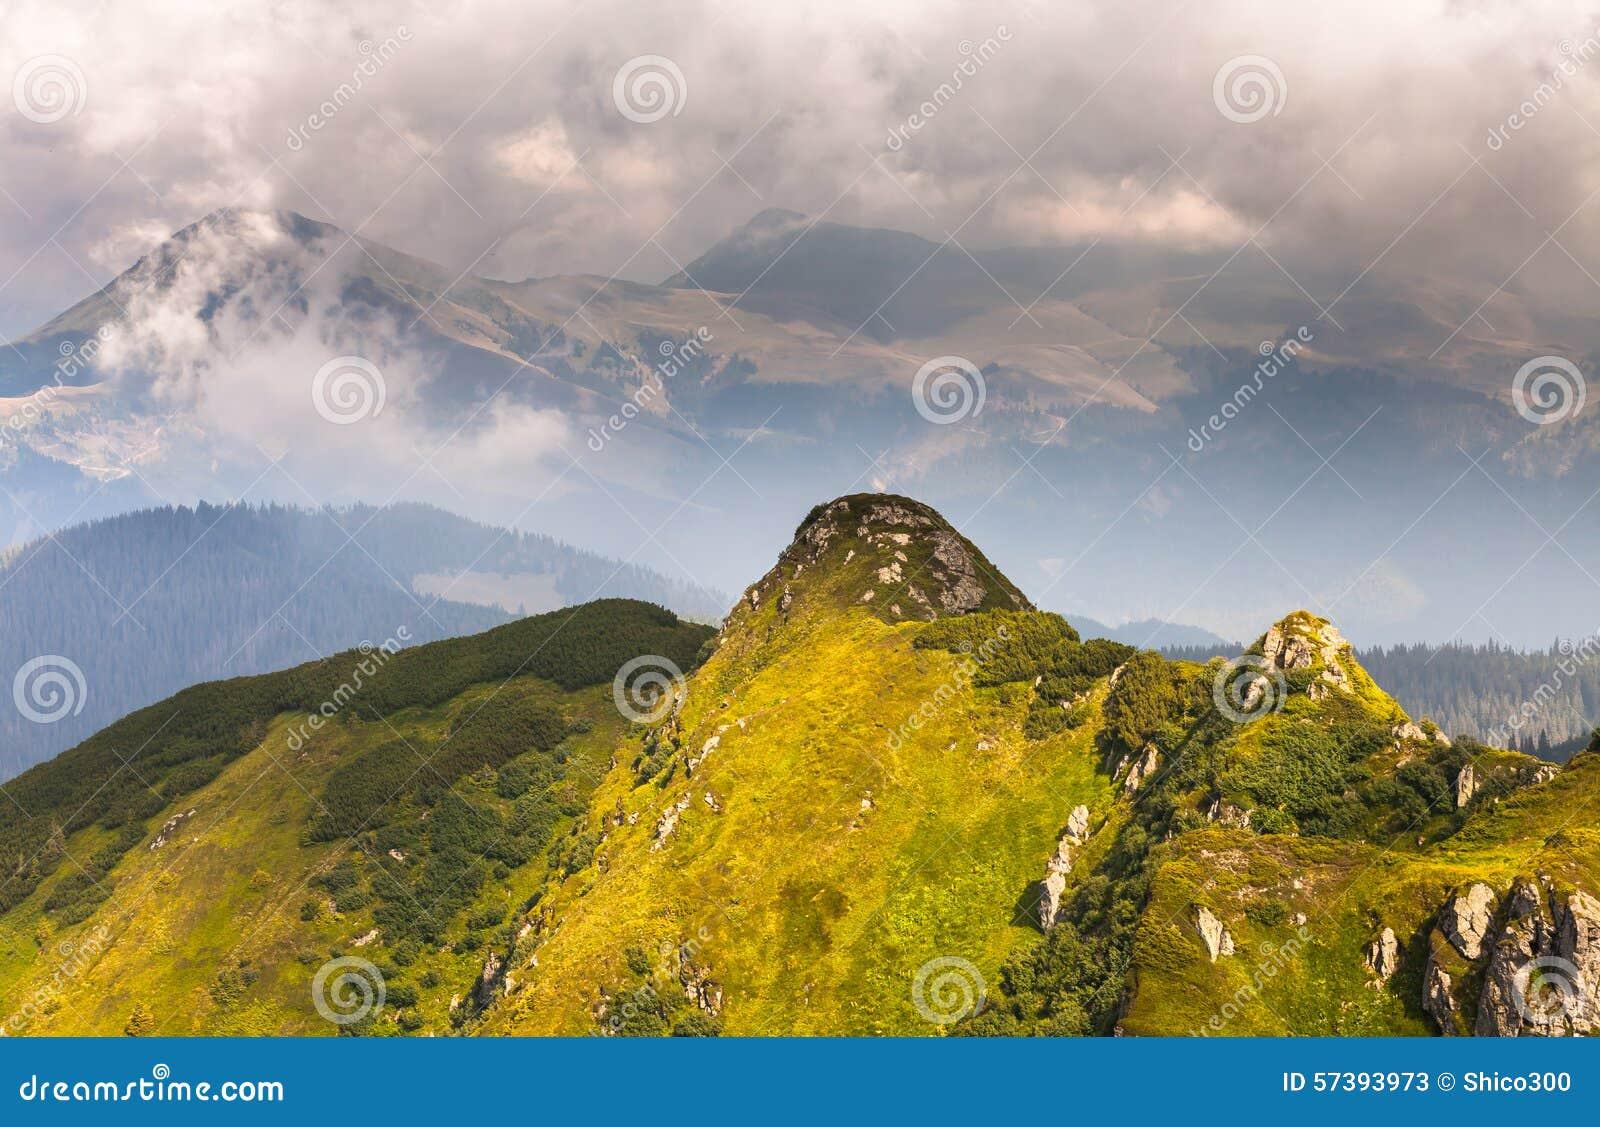 De zomerlandschap in bergen en de donkerblauwe hemel met wolken